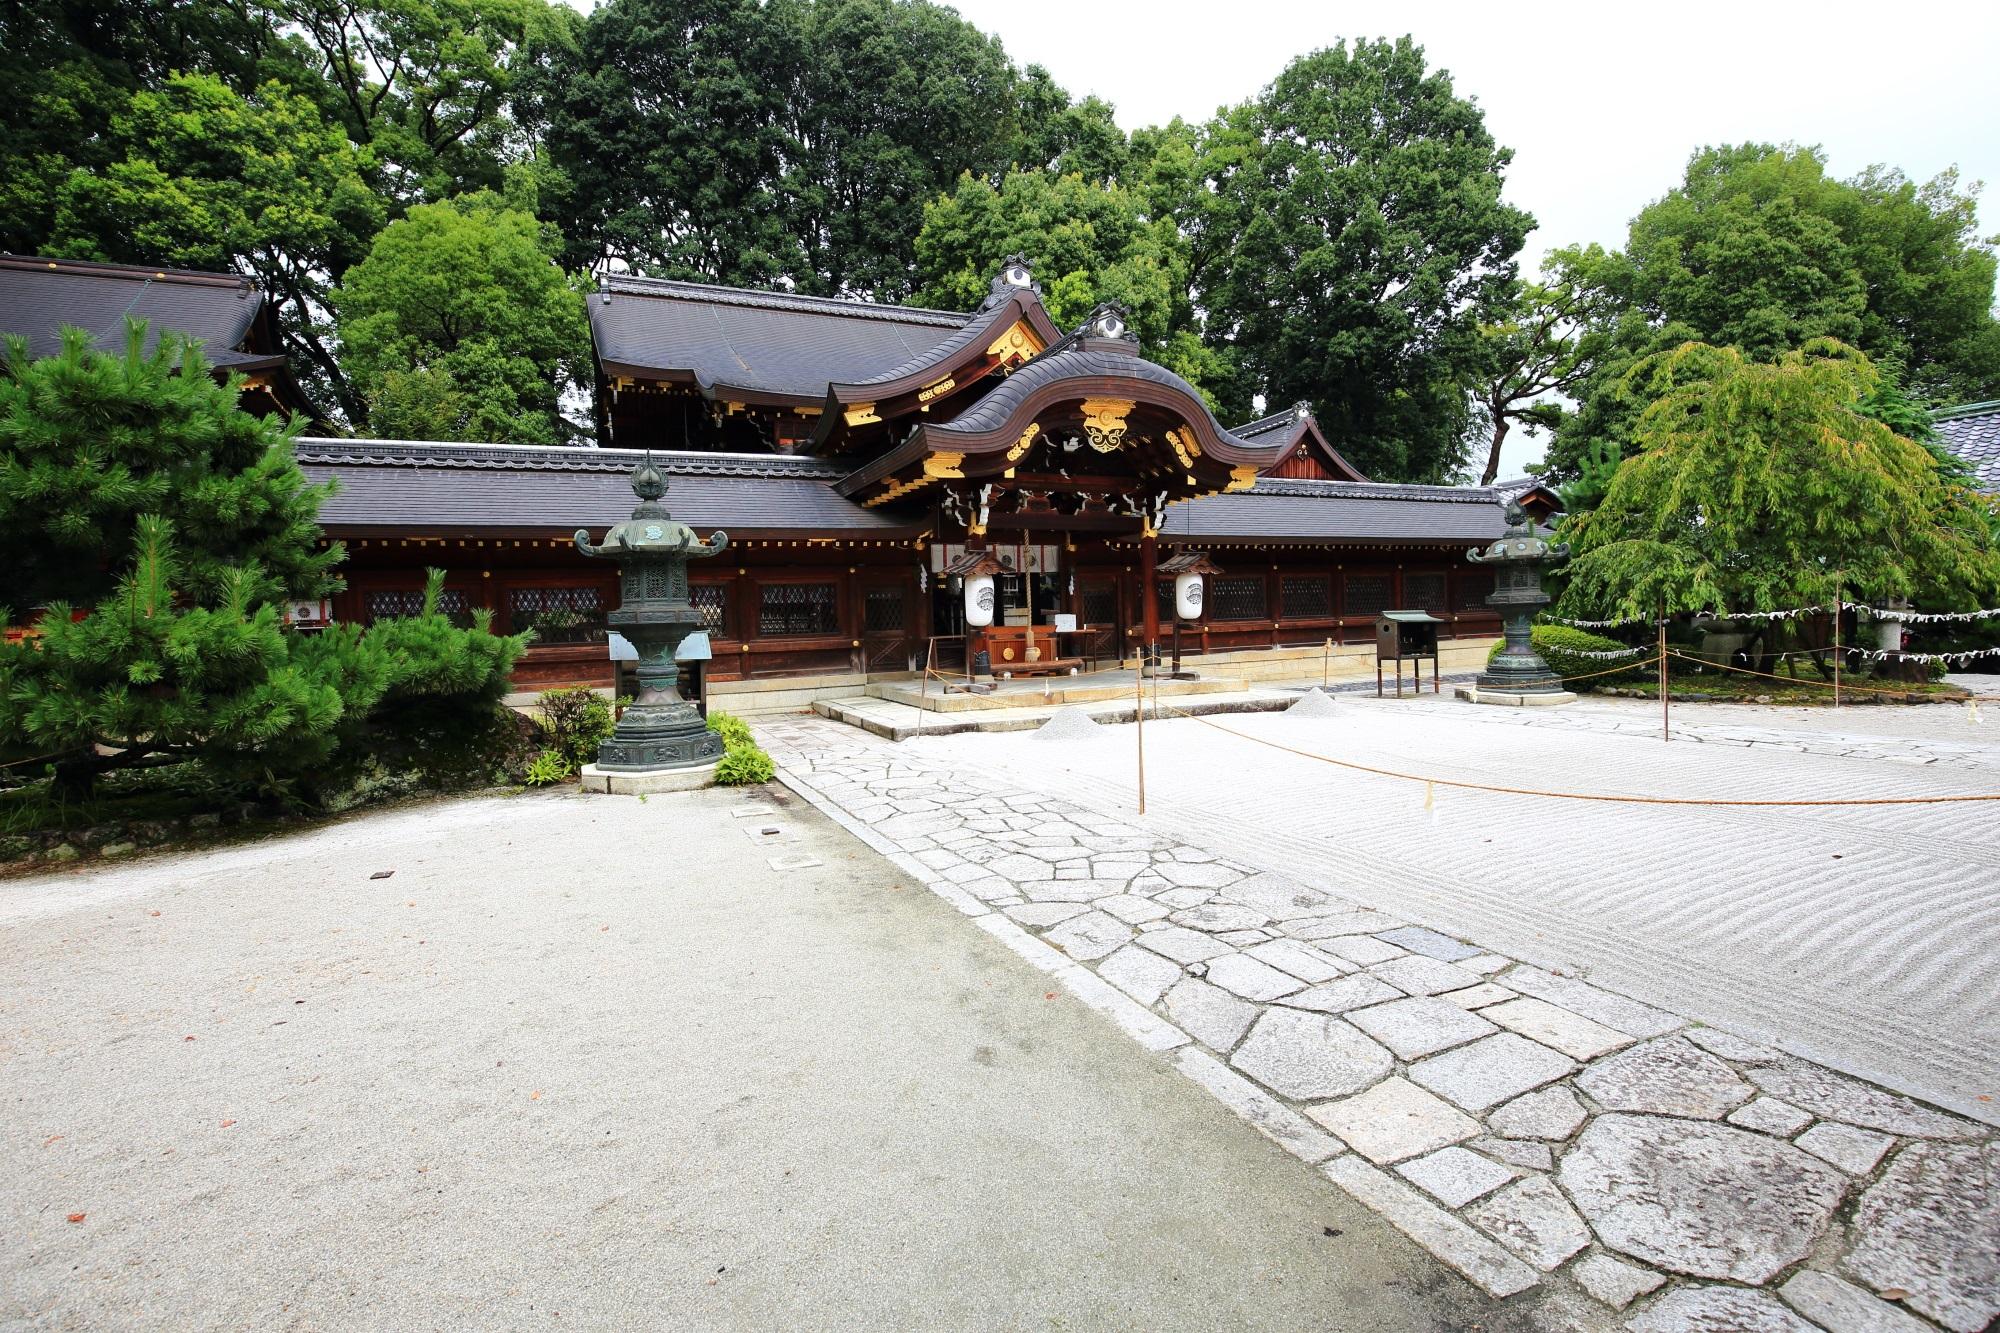 玉の輿神社として知られ女性にも人気のの今宮神社の本社(本殿)